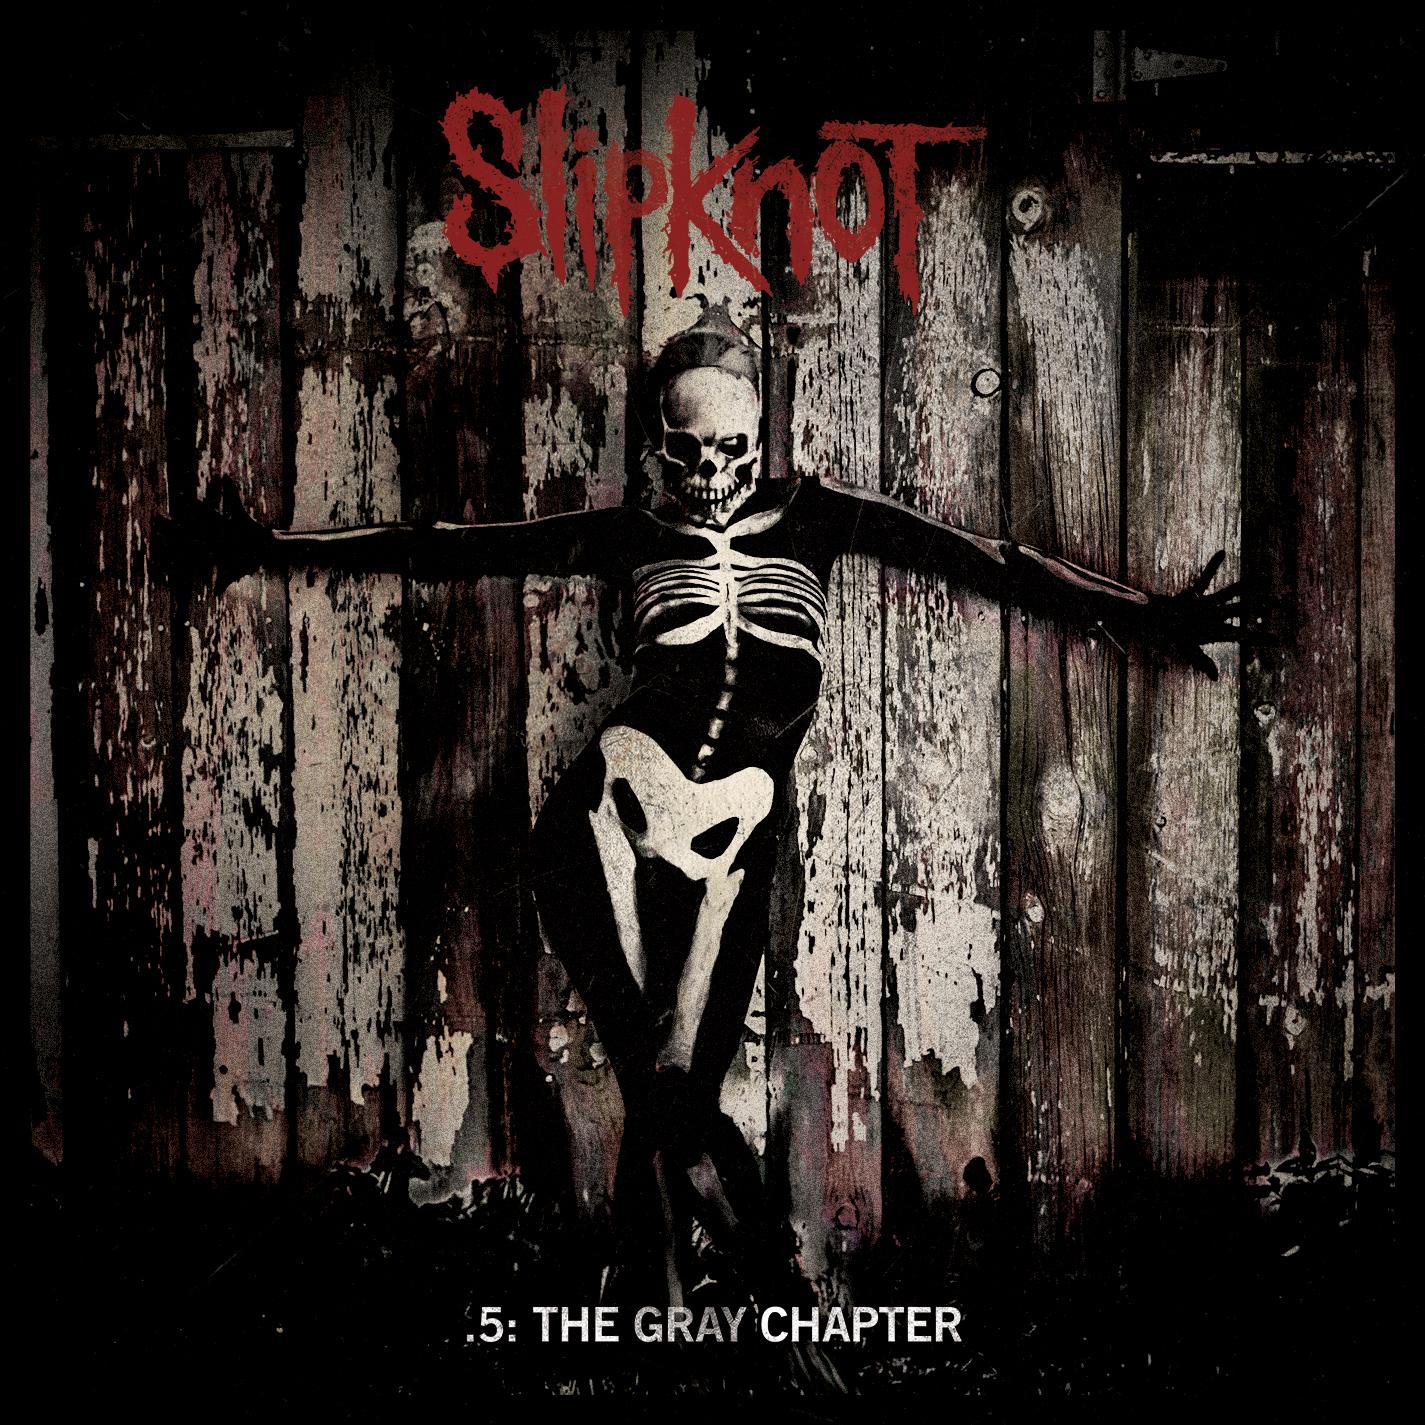 .5 The Gray Chapter - Slipknot